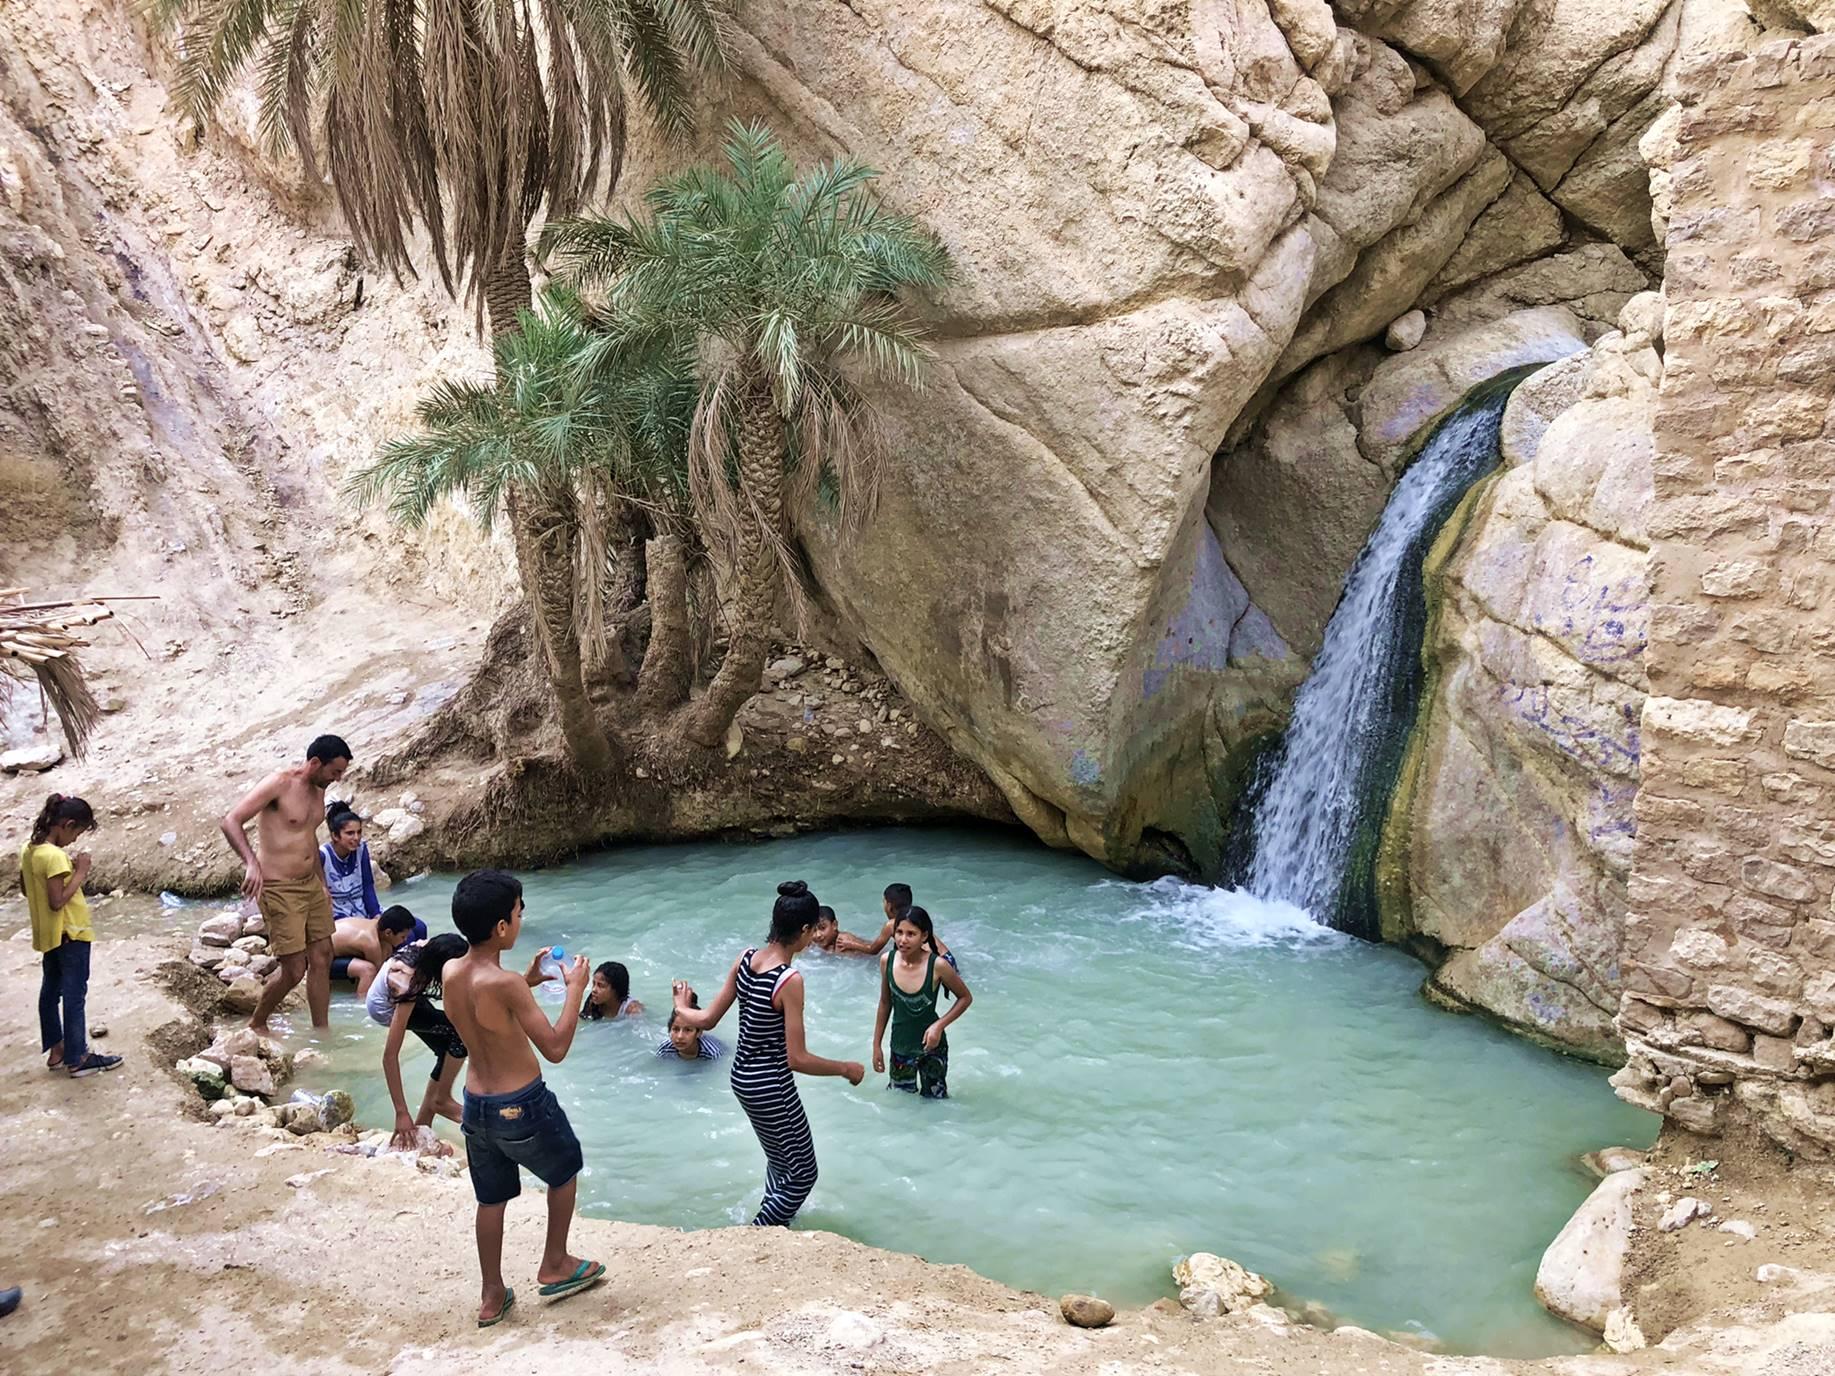 saara_tunisia_chebika_2